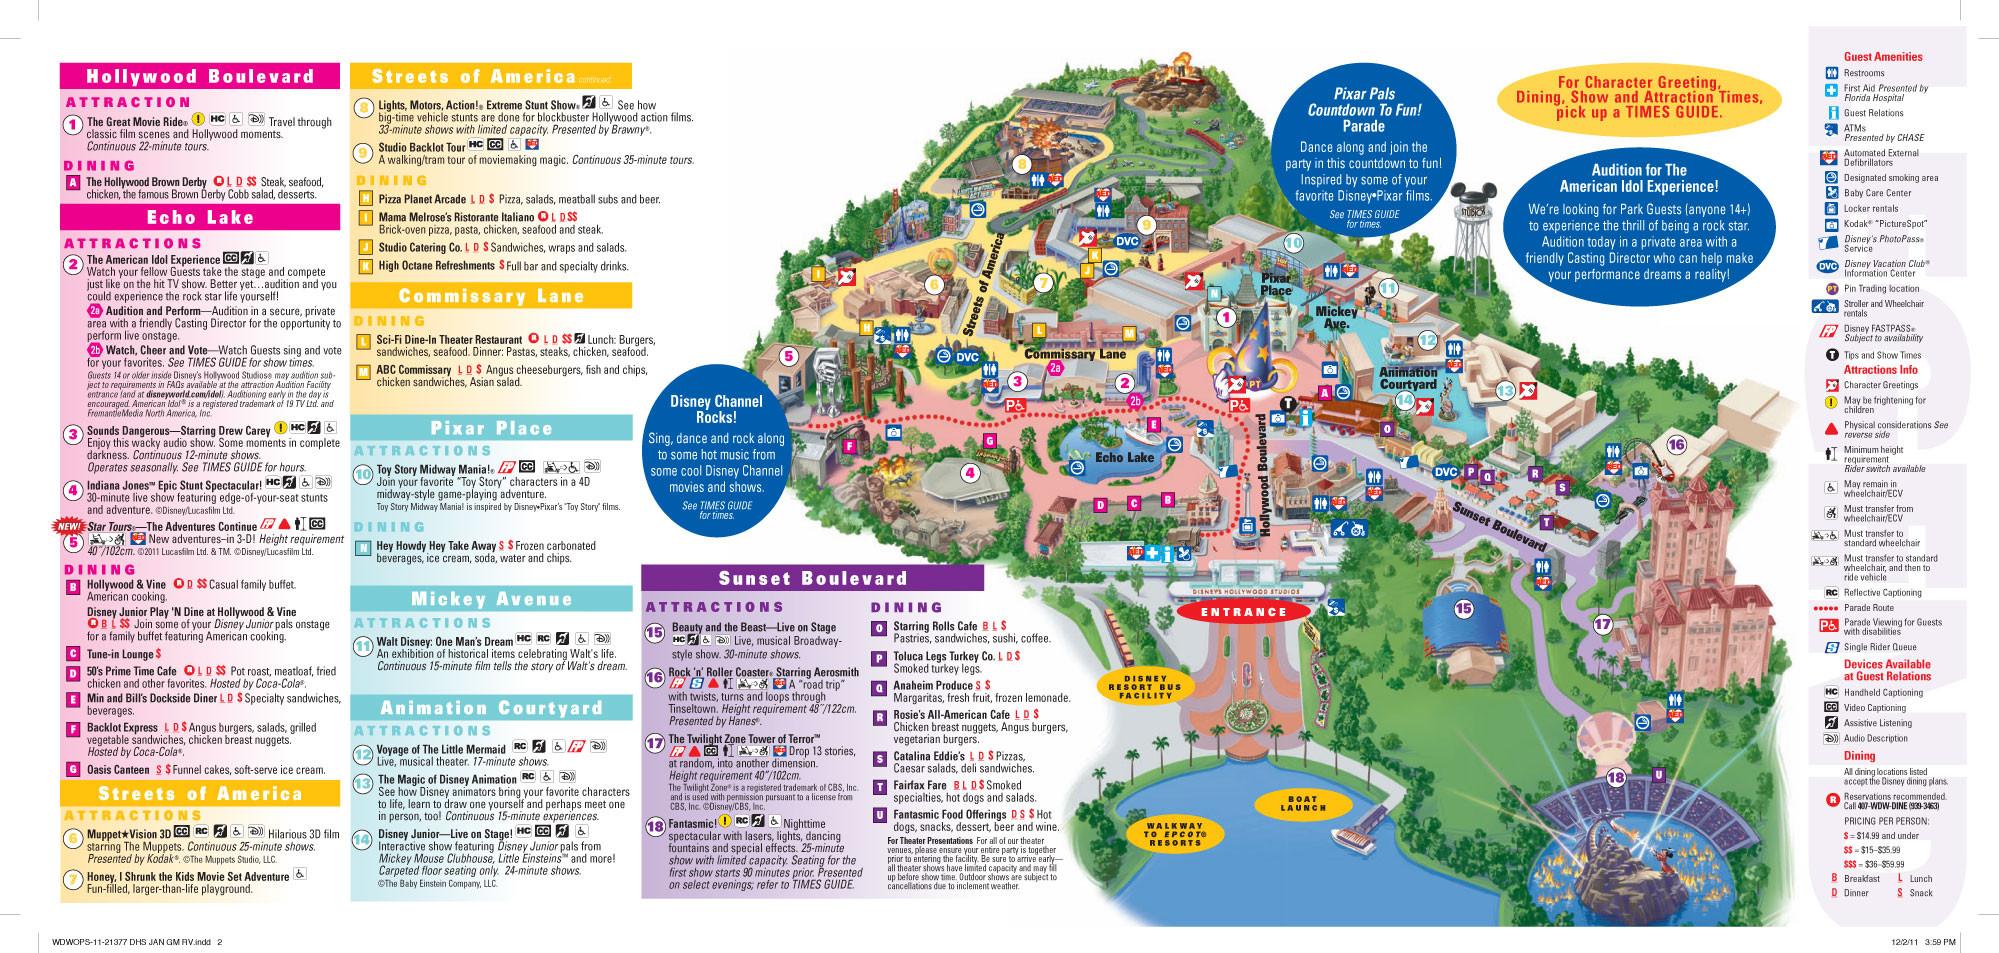 Le Problème Du Parc Wds Vient Il Vraiment Du Manque D  List Of Current Disney World Attractions